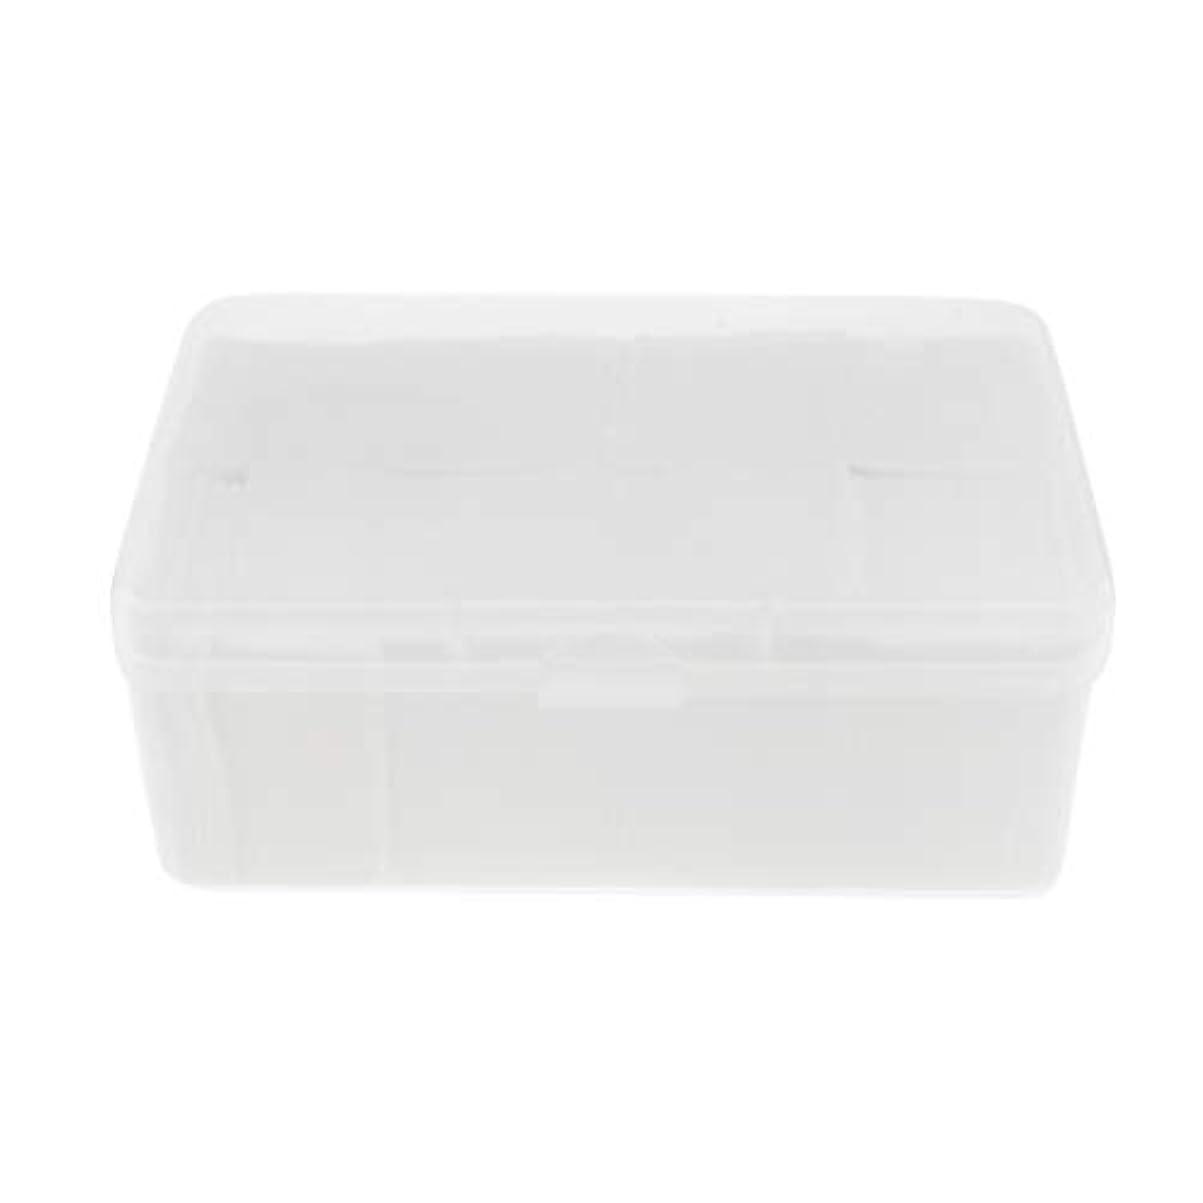 多くの危険がある状況少ない粘土Perfeclan 約1000枚 メイクリムーバー綿パッド メイクアップ リムーバー コットンパッド 化粧品 パフ 薄手 顔用